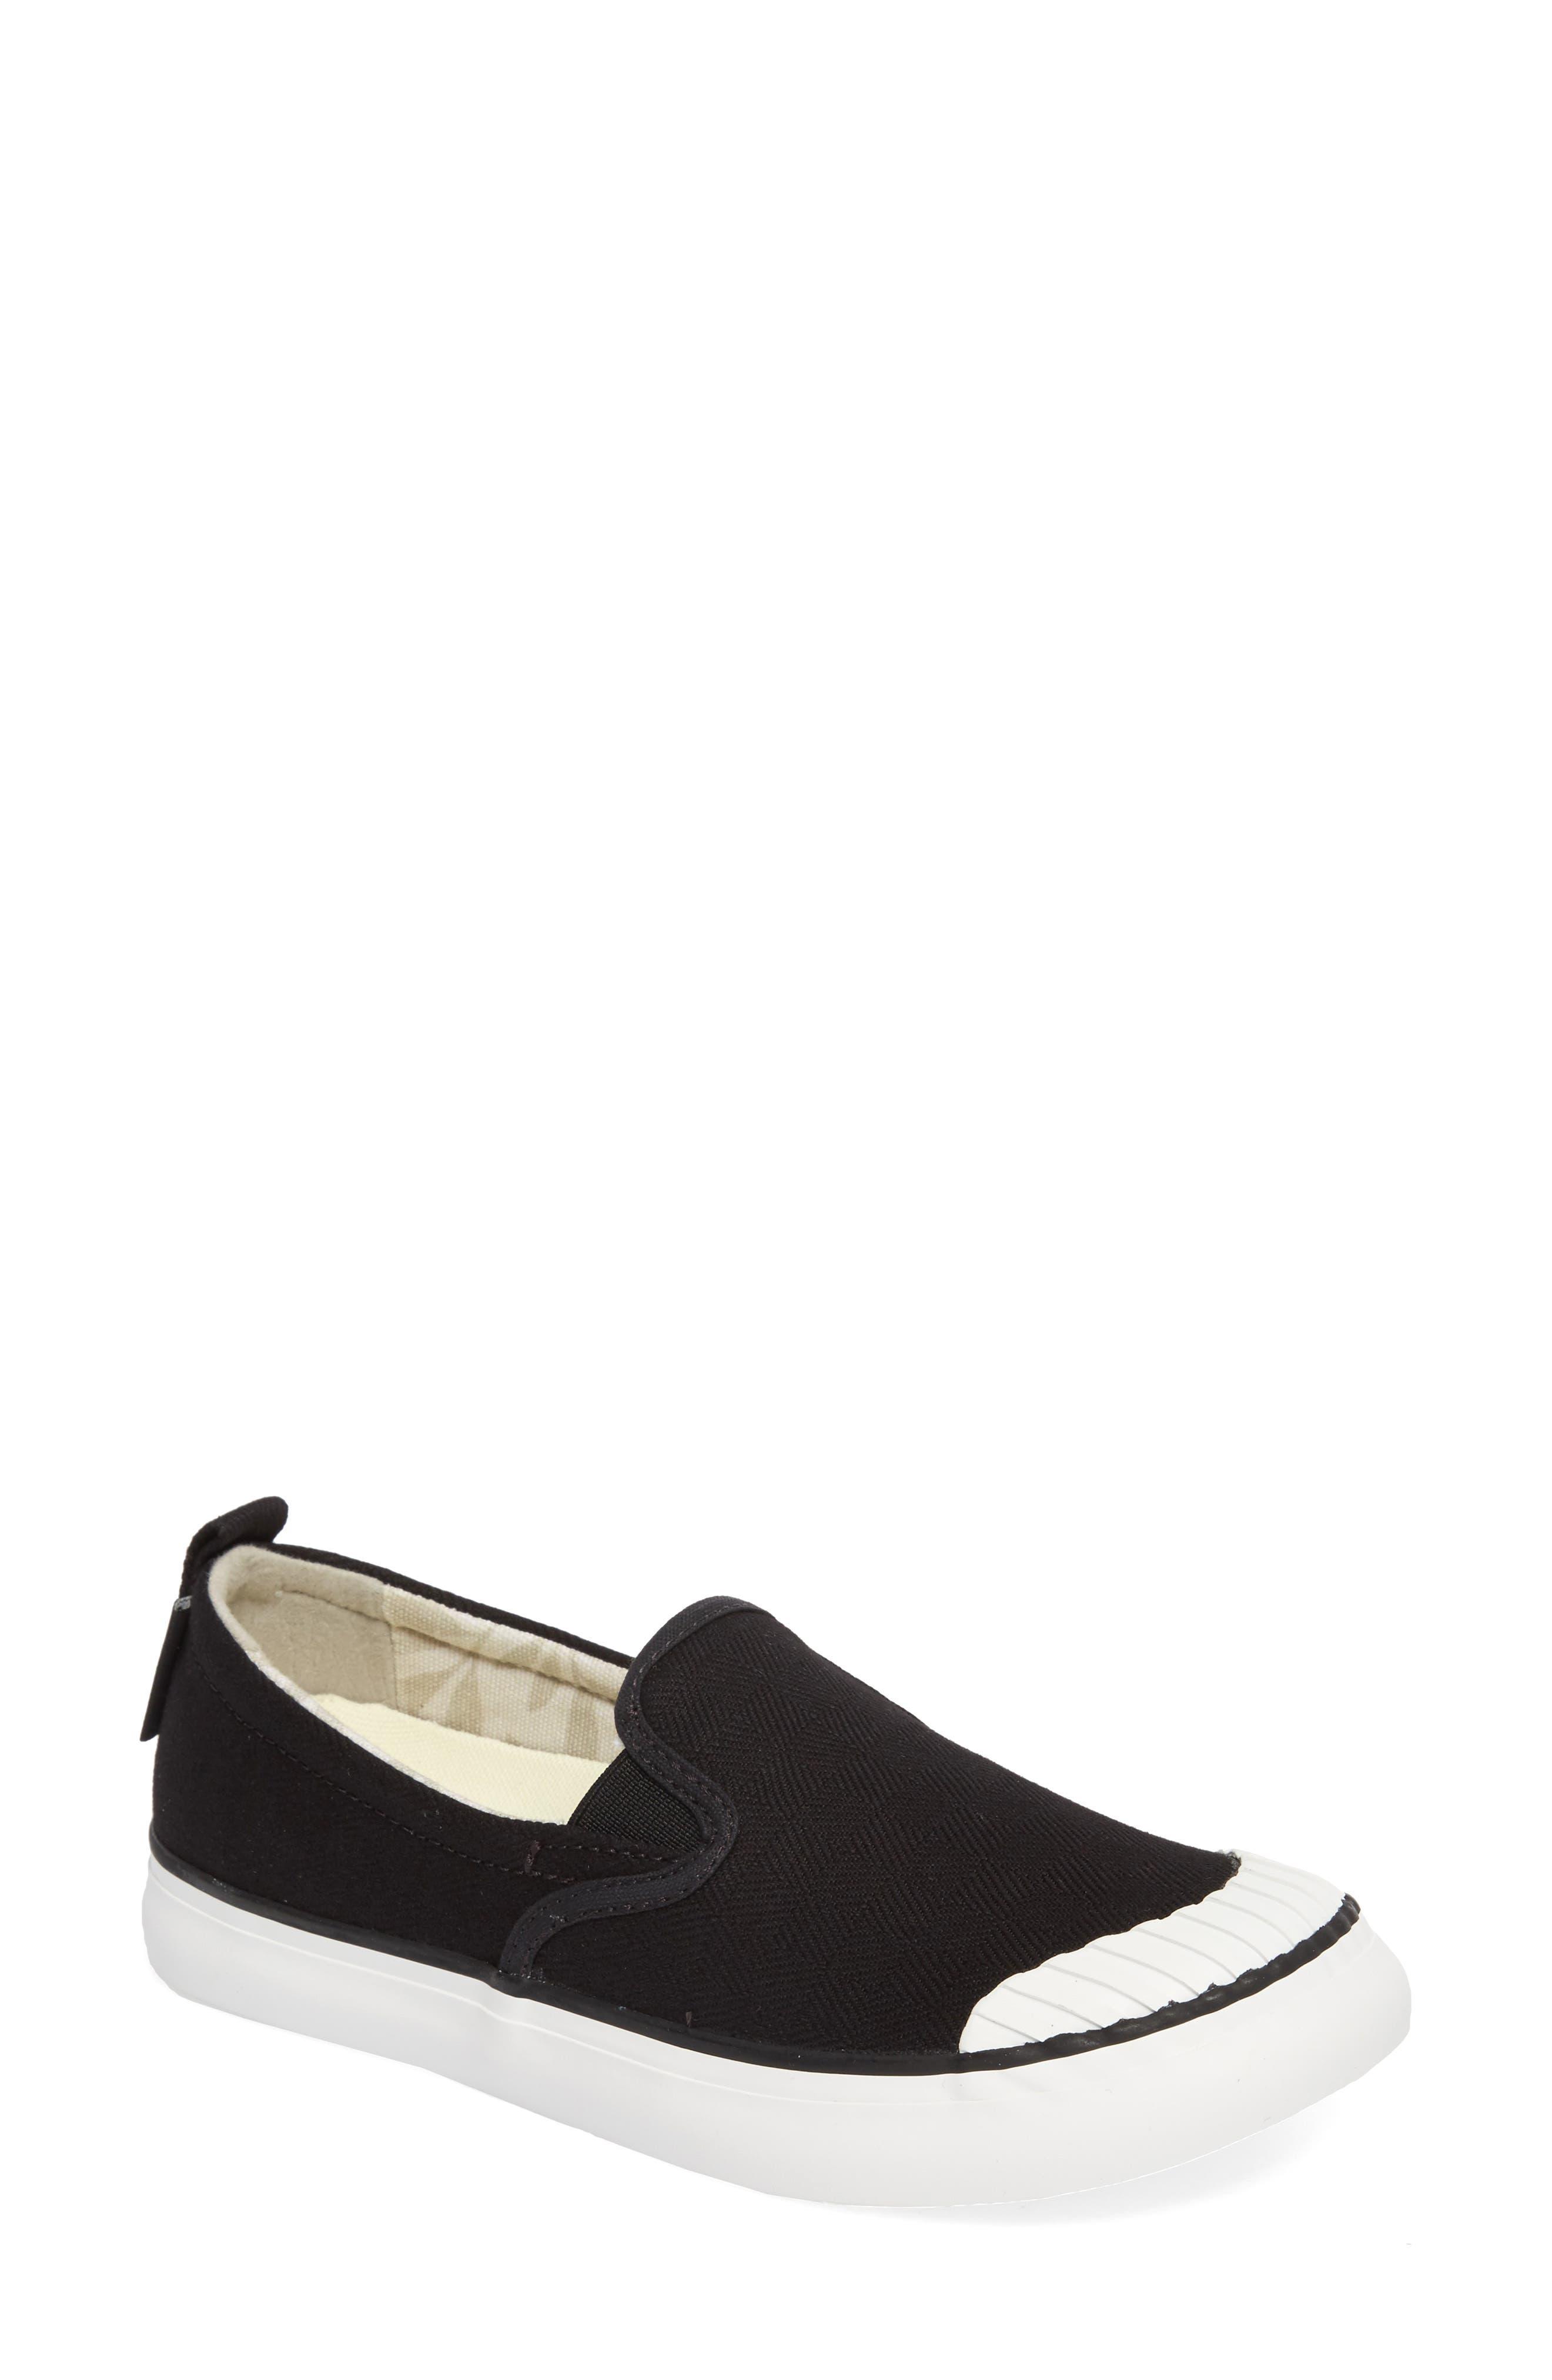 KEEN, Elsa Slip-On Sneaker, Main thumbnail 1, color, BLACK/ STAR WHITE